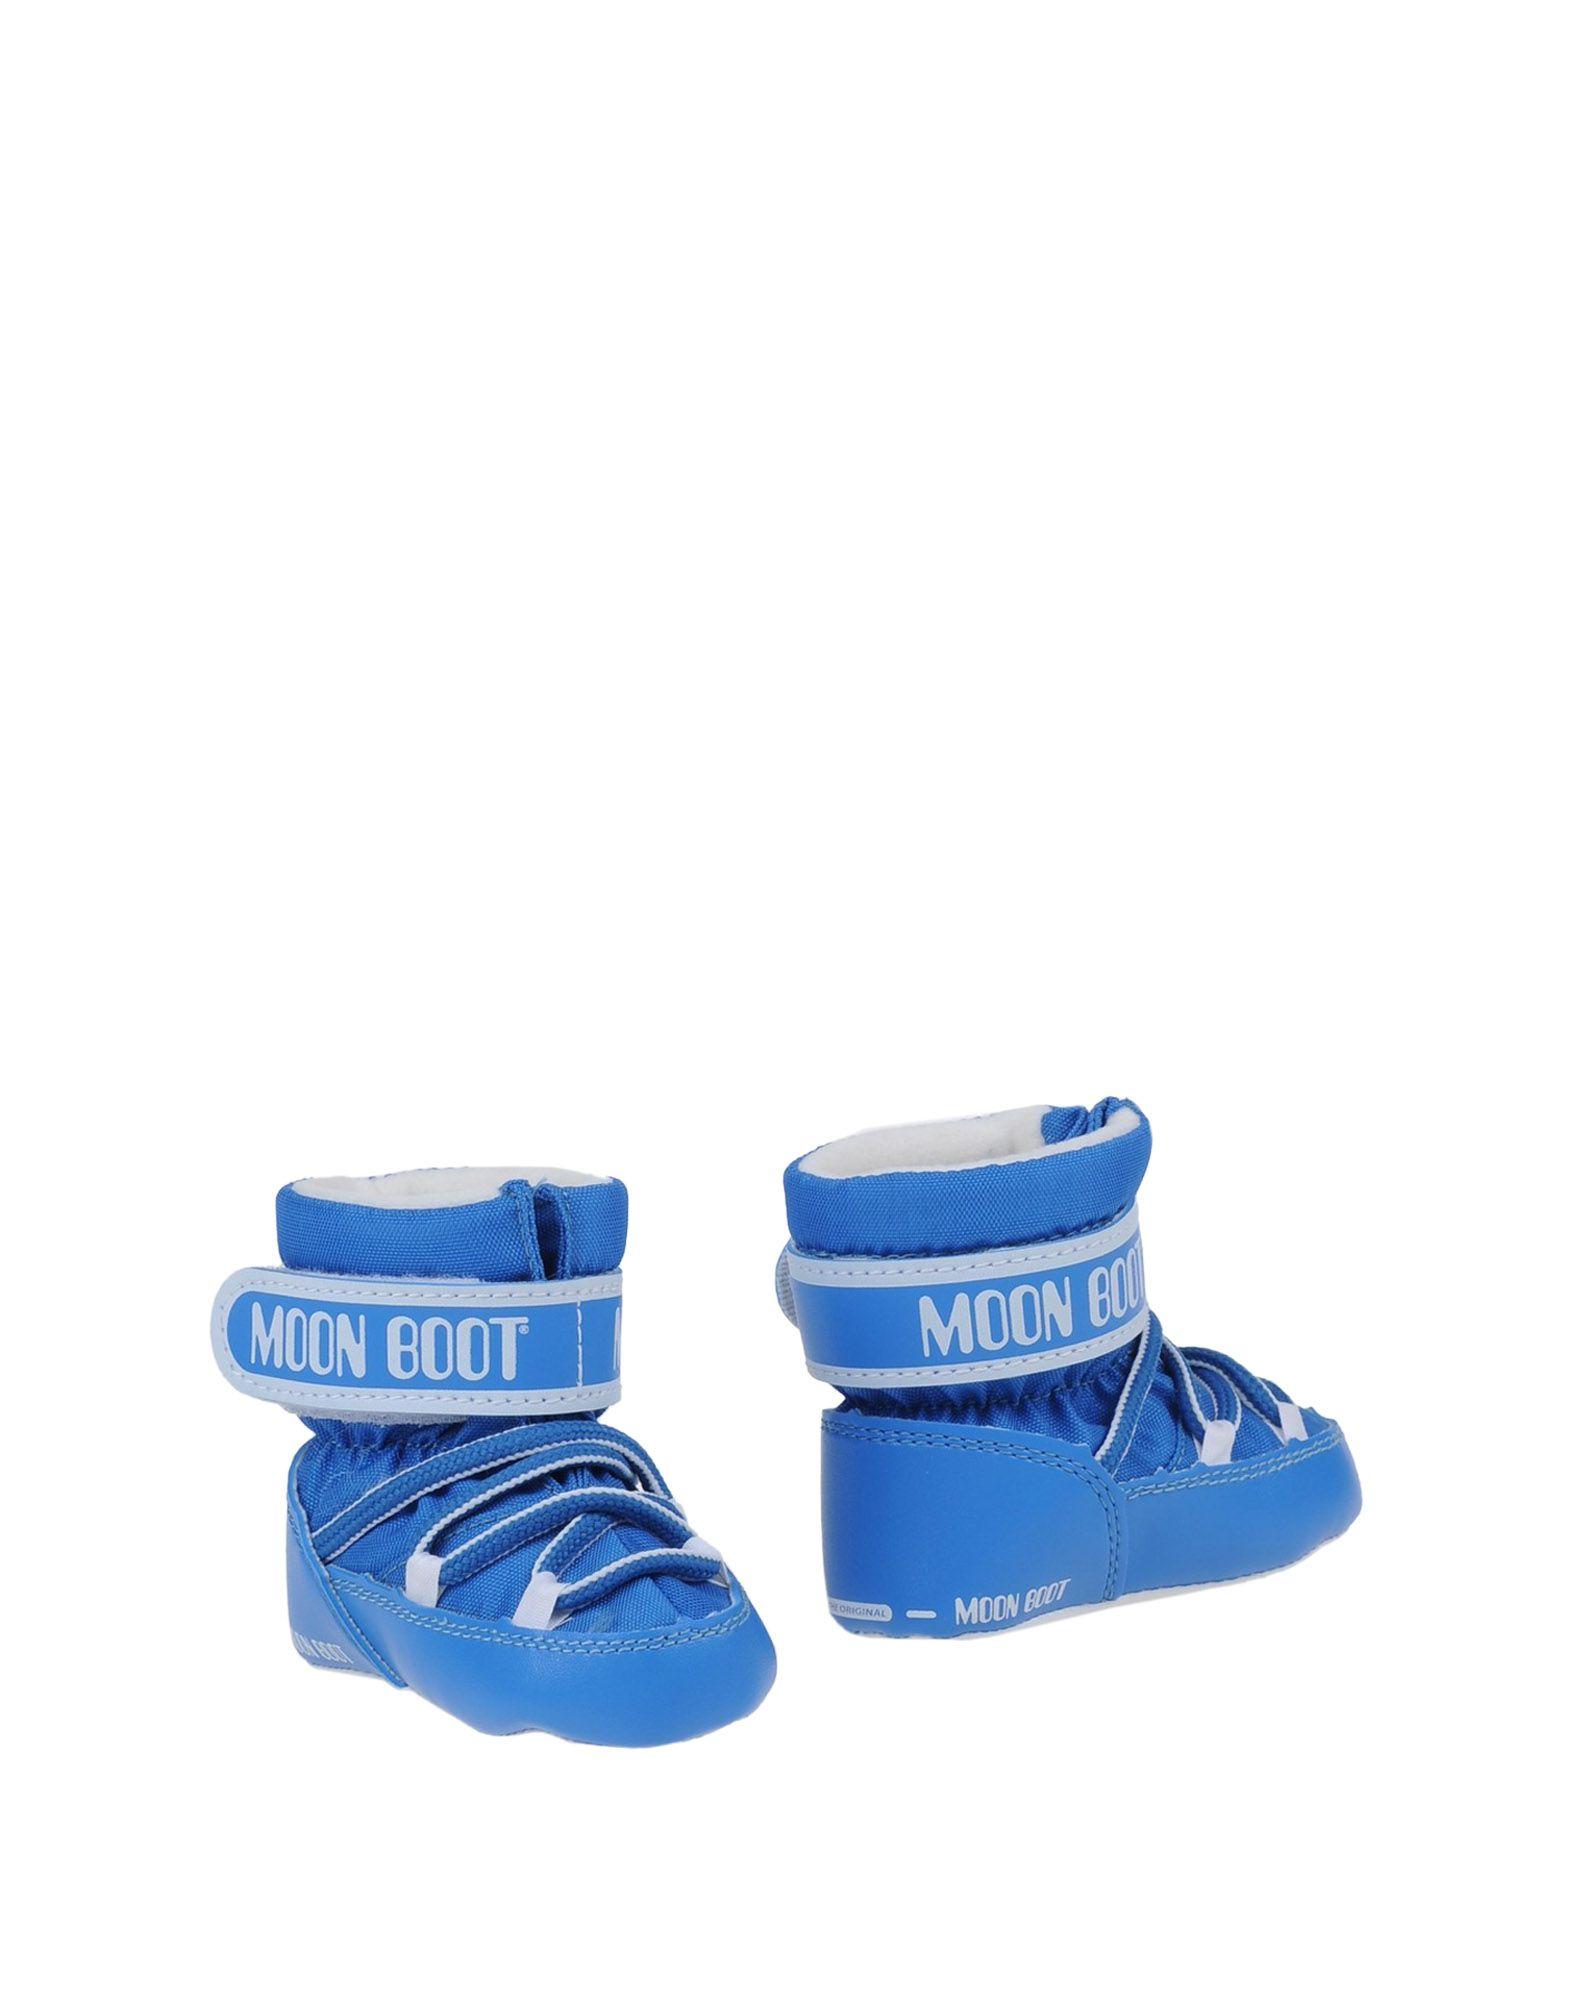 MOON BOOT Обувь для новорожденных обувь для детей